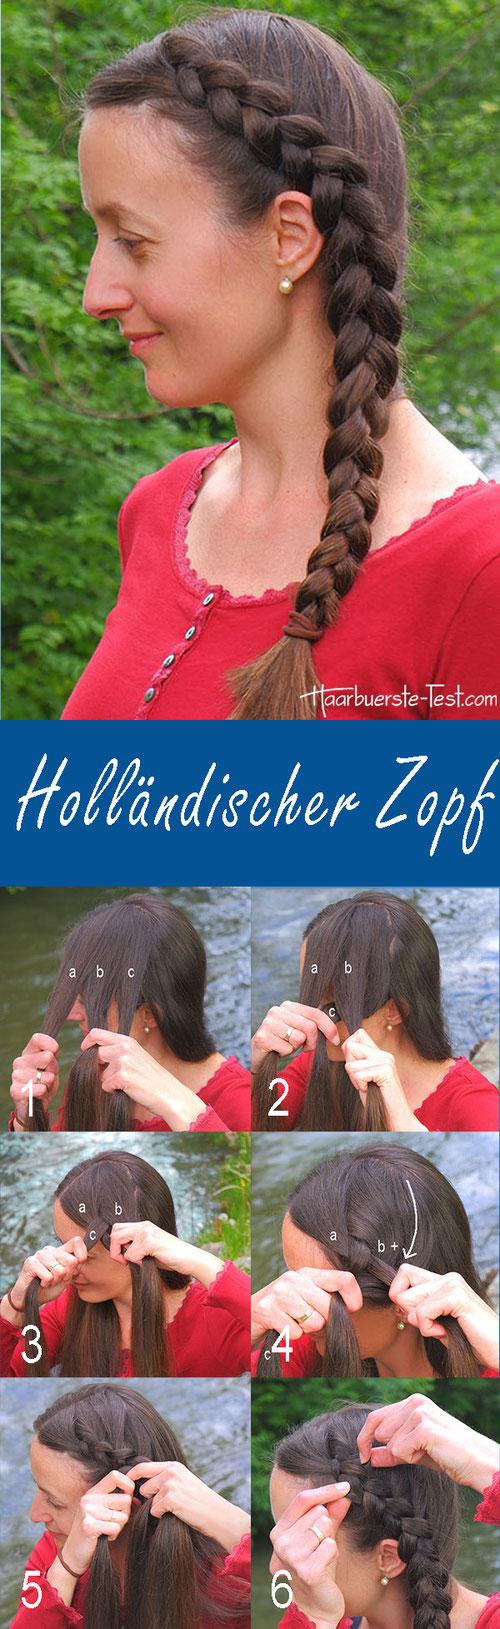 Holländischer Zopf Anleitung, Holländischer Zopf Schritt für Schritt